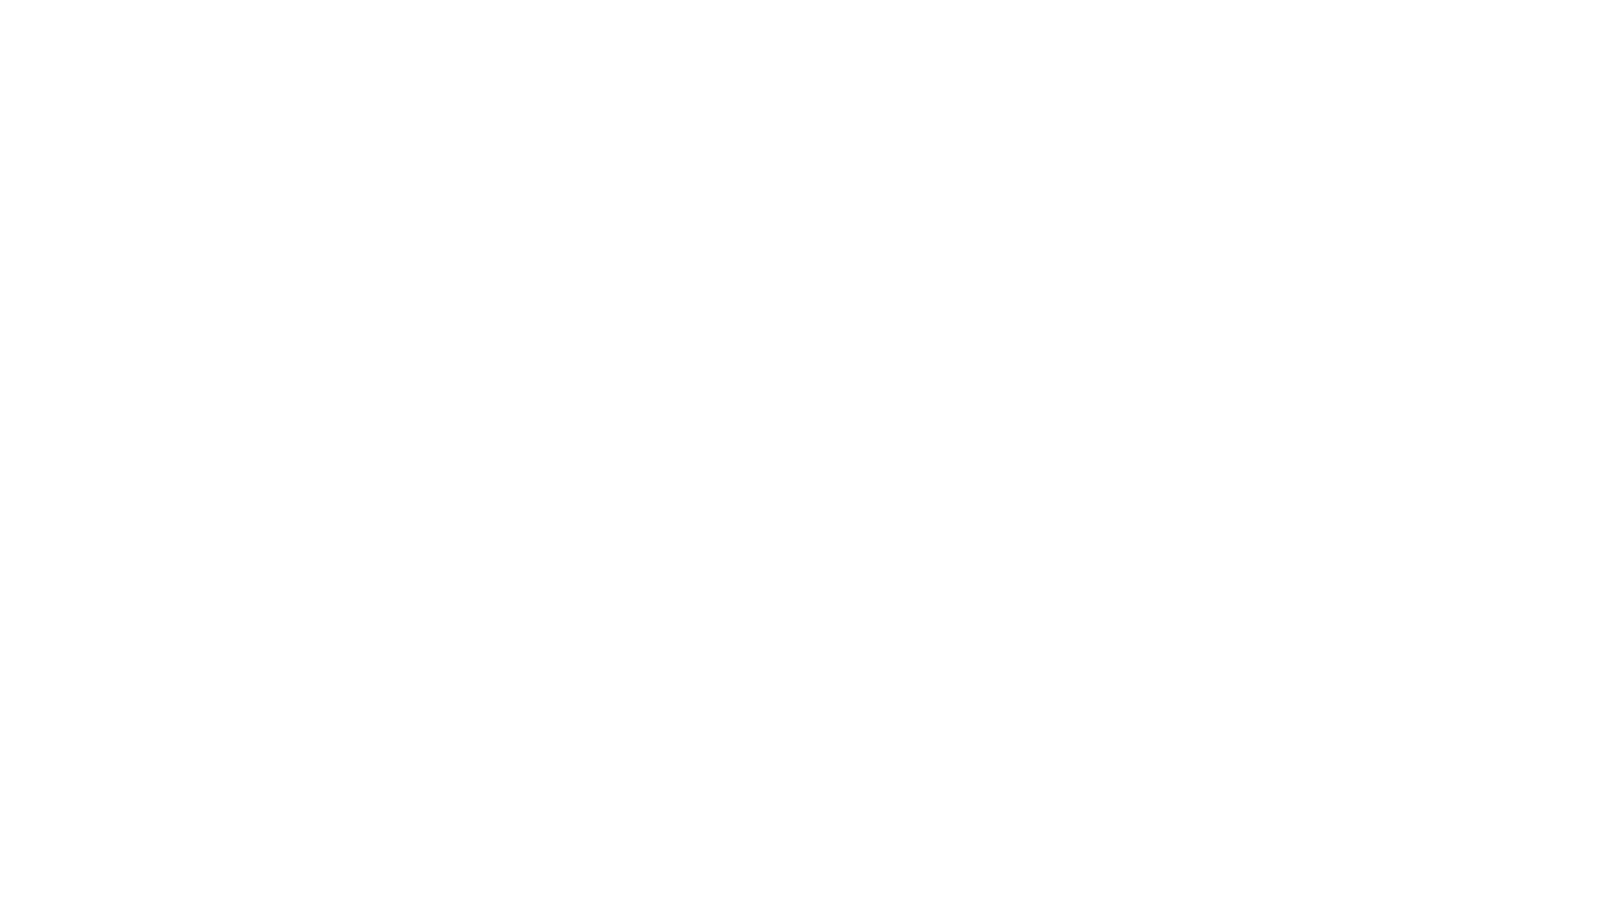 Chia sẻ về Tỉnh thức trong Công việc Video này trả lời những câu hỏi: - Thức tỉnh rồi làm gì? - Nếu như công việc là vô thường, chúng ta có phải bỏ công việc để duy trì trạng thái phúc lạc? - Có phải tỉnh thức (lựa chọn duy trì trạng thái bình an) là lười biếng, không có ý chí tiến thủ? - Làm thế nào khi đối diện với thất bại? Tỉnh thức rồi thì thất bại có buồn không? - Đam mê trong công việc có cần không? - Đưa tỉnh thức vào công việc như thế nào? Thế nào là làm trong chánh niệm?  Xem thêm bài viết về Tỉnh thức: http://tienalien.com/song-tinh-thuc/ ------------------- Xin chào! Mình tên là Tiên Trần. Mọi người thường hay gọi mình là Tiên Alien.  Mình lập kênh YouTube này với mục đích chính để chia sẻ về quan điểm sống, quá trình phát triển cá nhân và tất tần tật những điều mình quan tâm. Đây sẽ là một trong những kênh để mình giao tiếp với mọi người, bên cạnh trang blog của mình.  Nếu bạn cảm thấy nội dung của mình hữu ích, bạn có thể mời mình một tách trà, một bữa ăn chay hoặc đóng góp cho kênh của mình tại: Chủ tài khoản: Trần Nguyễn Thủy Tiên Ngân hàng Techcombank Số tài khoản: 19035058125015 Mình trân trọng mọi đóng góp của các bạn!   ------------------- Các bạn có thể liên hệ với mình qua: Blog: http://tienalien.com/ Instagram: https://www.instagram.com/_tientran/ Email: tientranalien@gmail.com